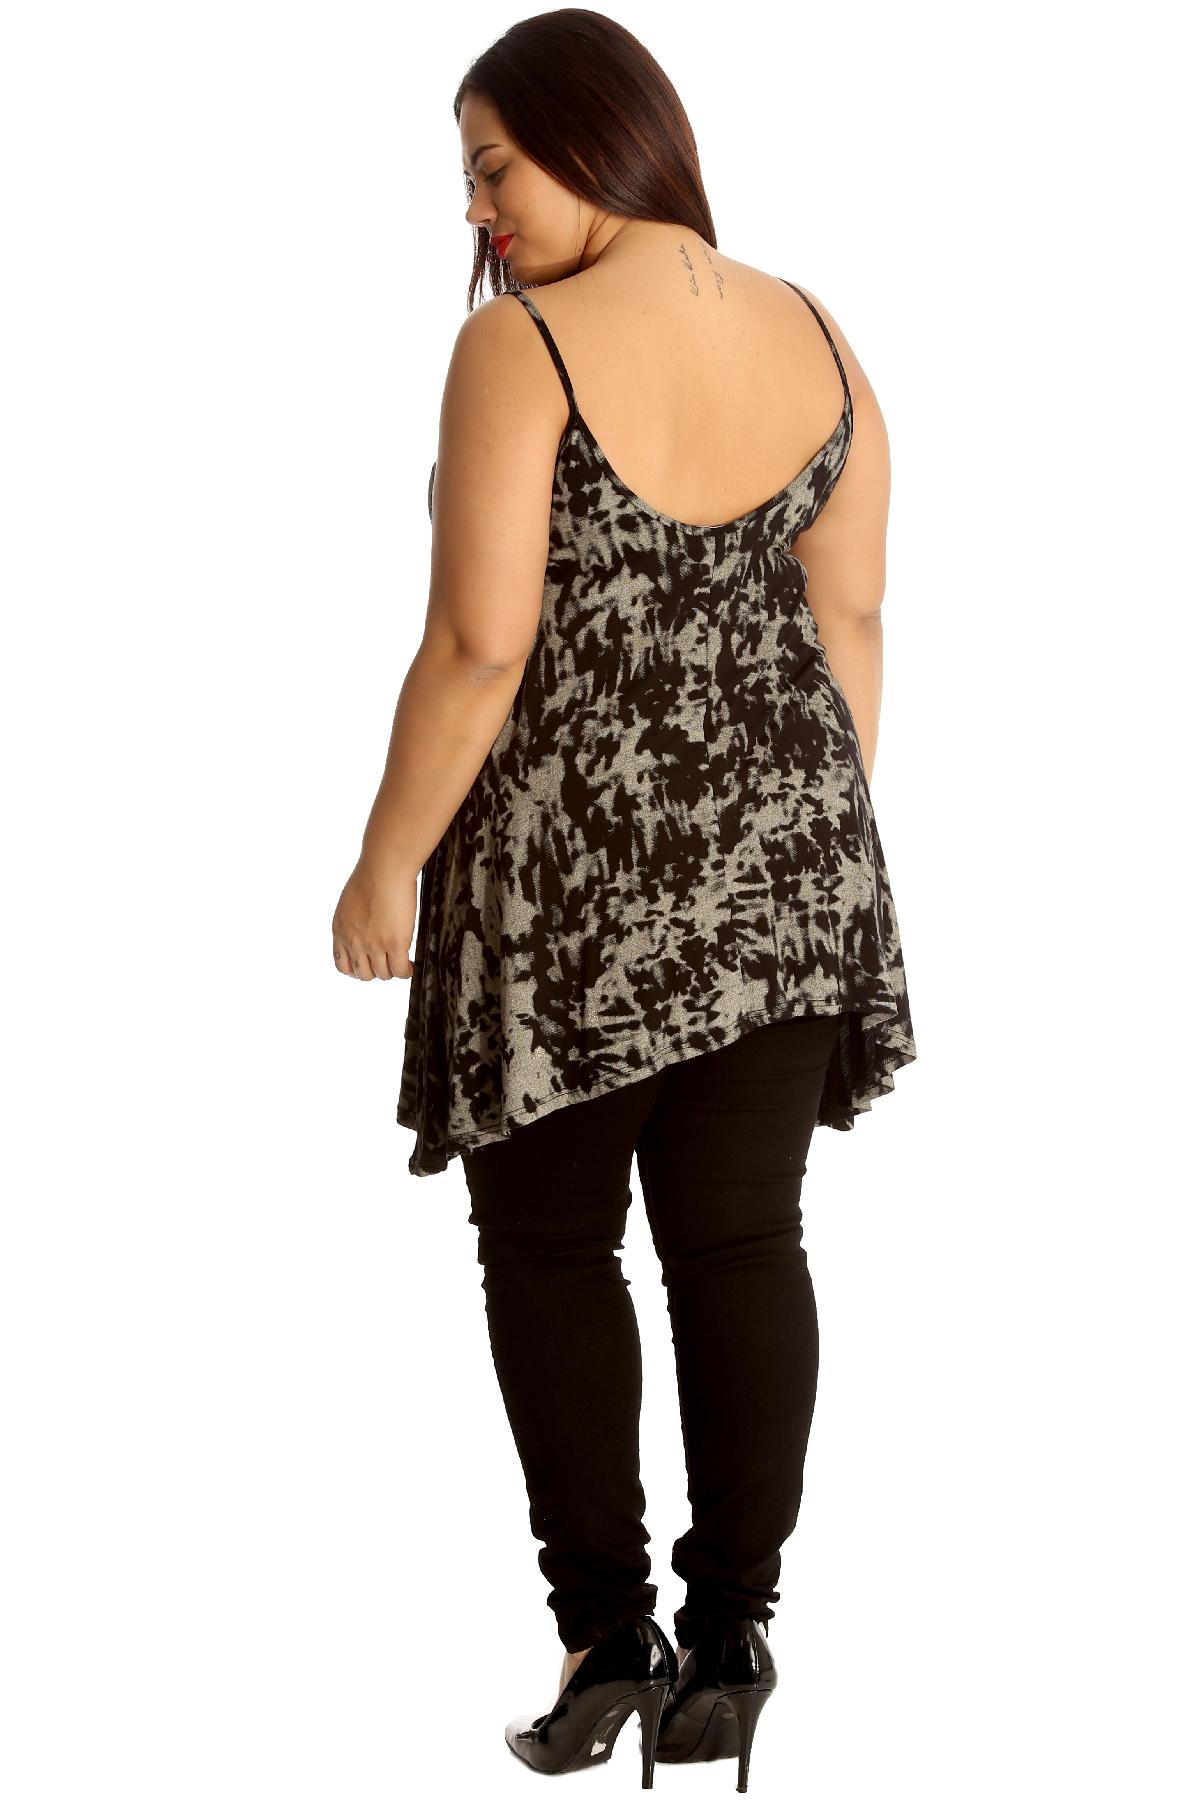 Femmes Camisole Réservoir Balançoire Haut Impression abstraite Grande Taille